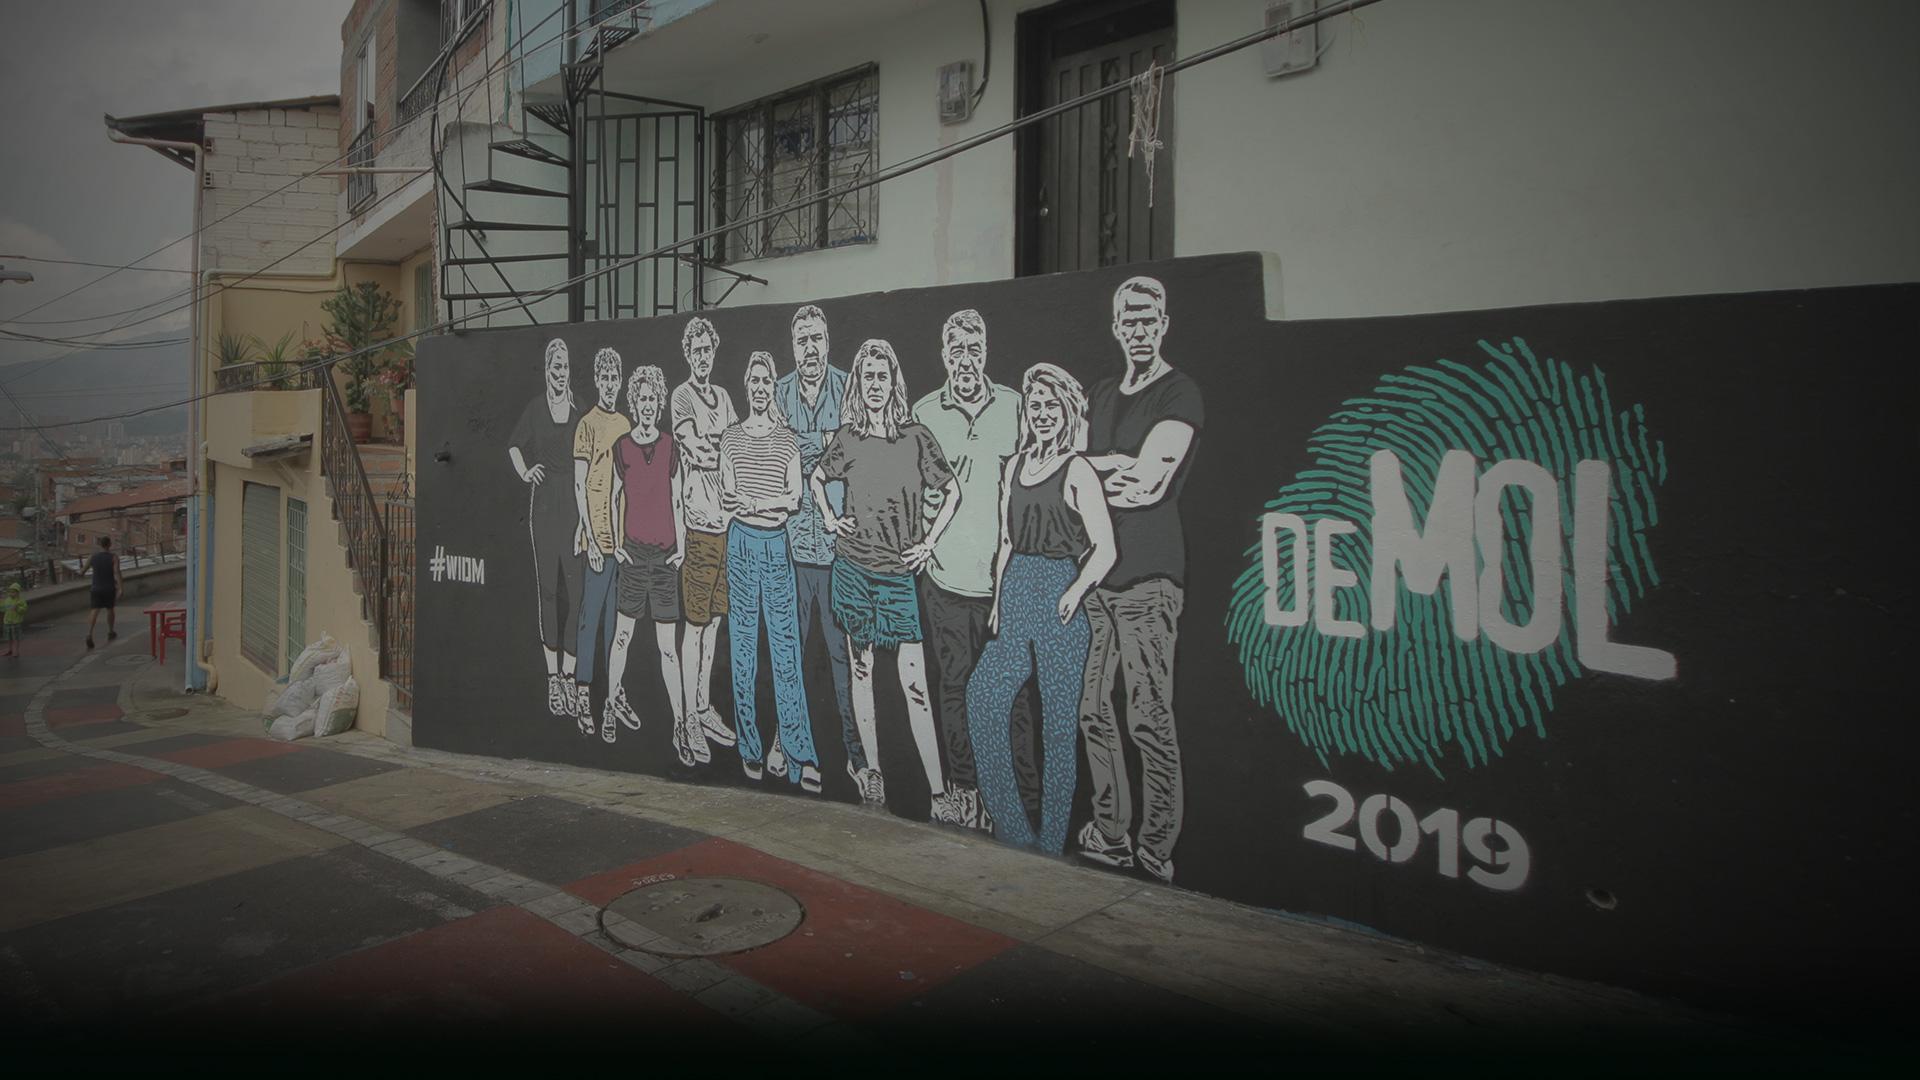 Wie is de Mol 2019 in Colombia - JairoBernal.com